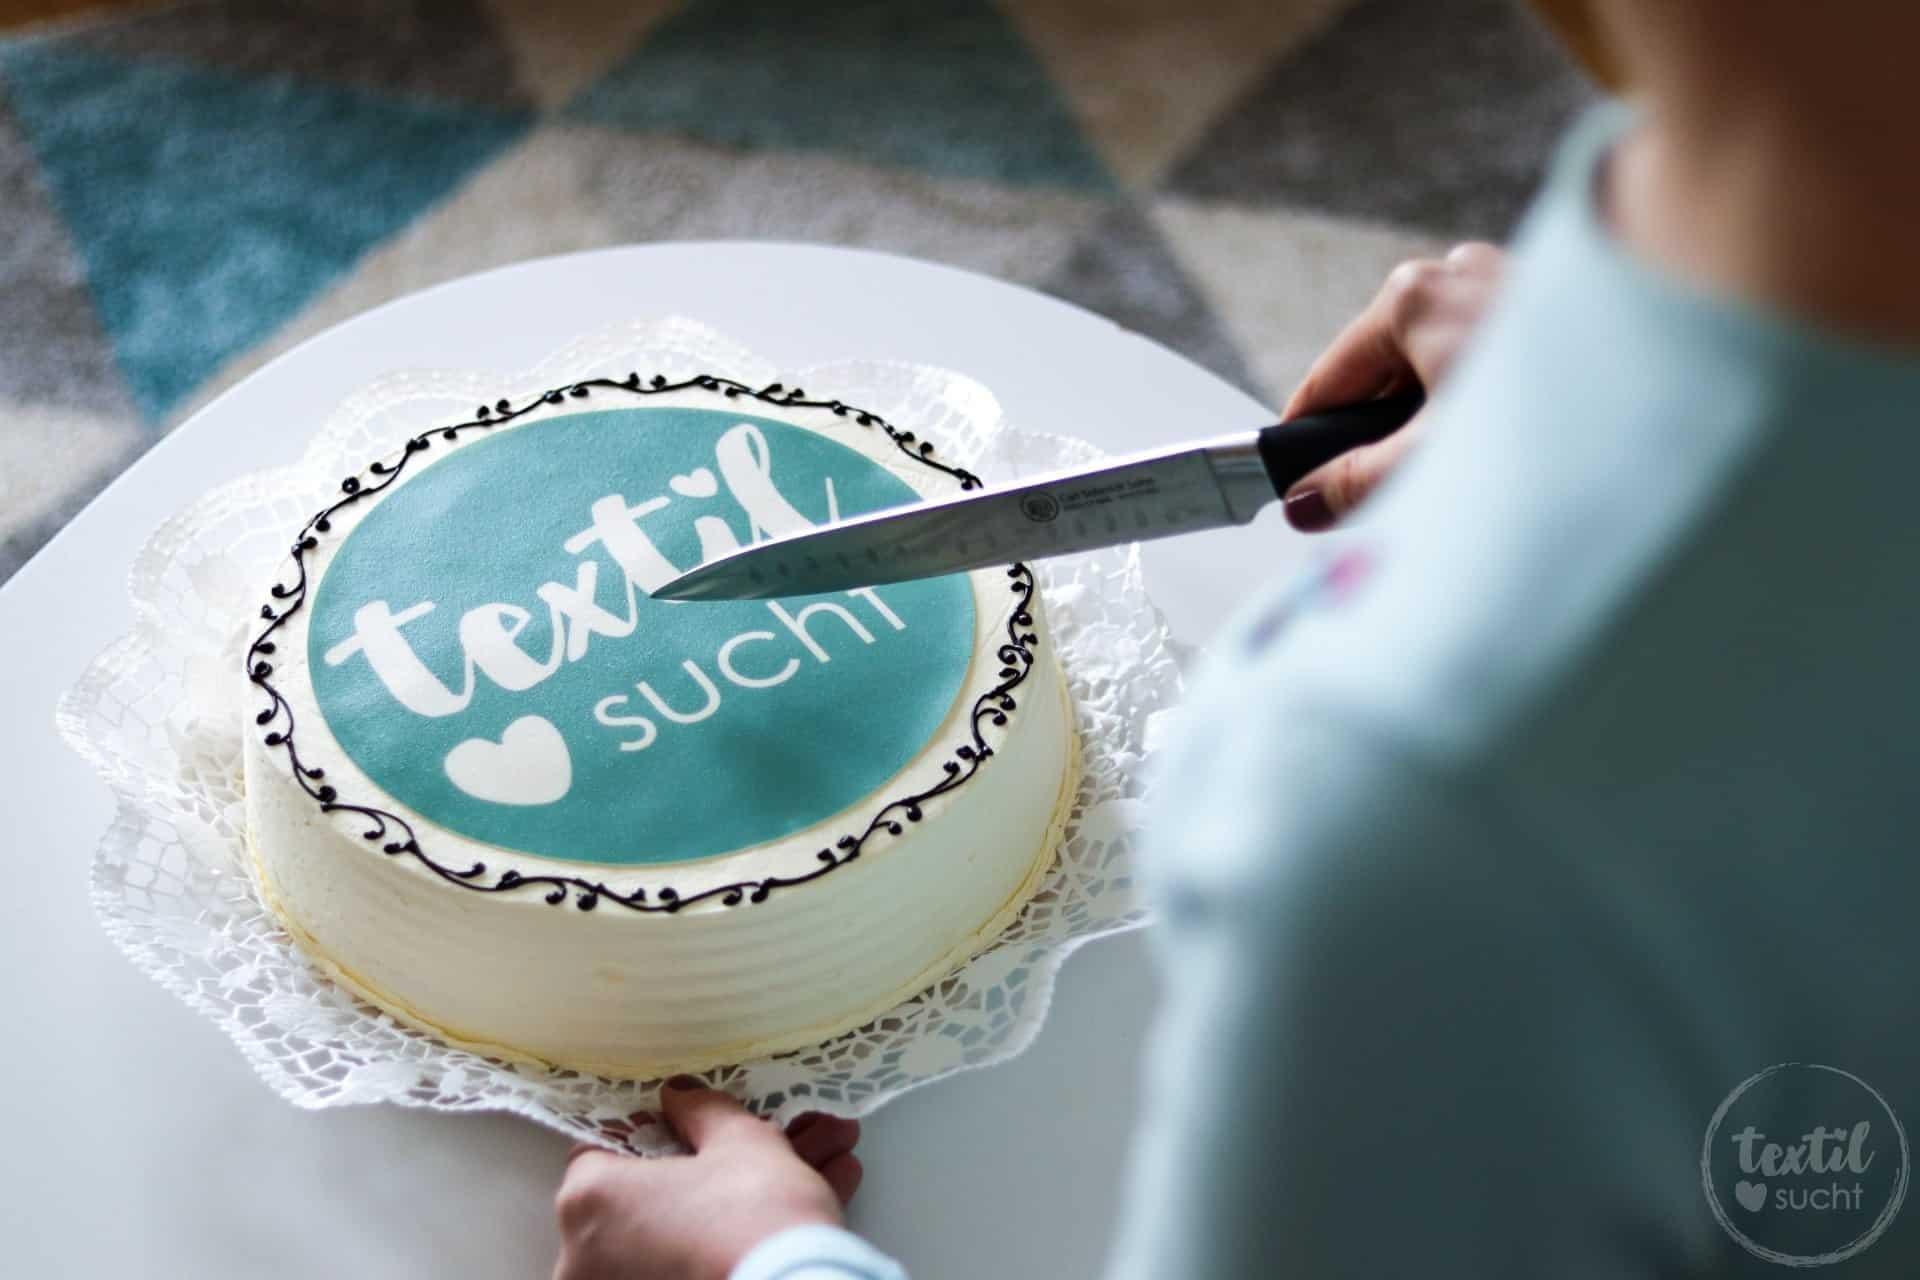 Ein besonderer Glückwunsch: Meine eigene Textilsucht Torte